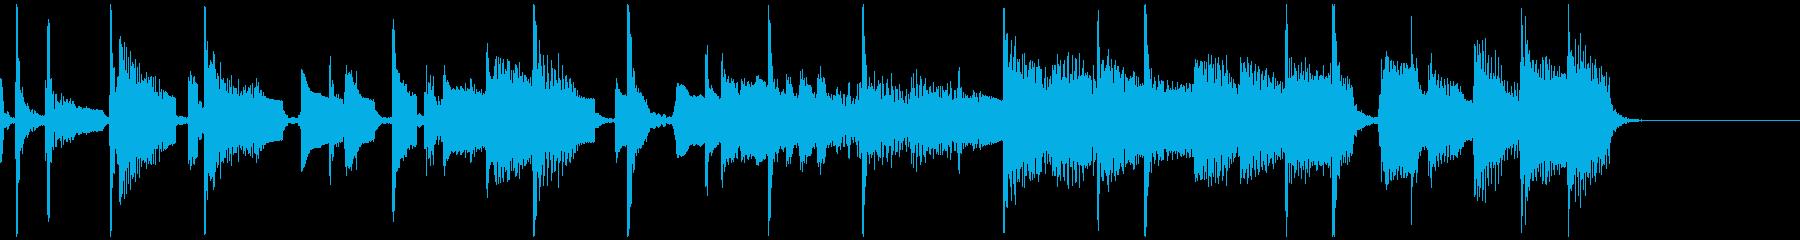 生演奏!サックスのノリの良いジングルの再生済みの波形